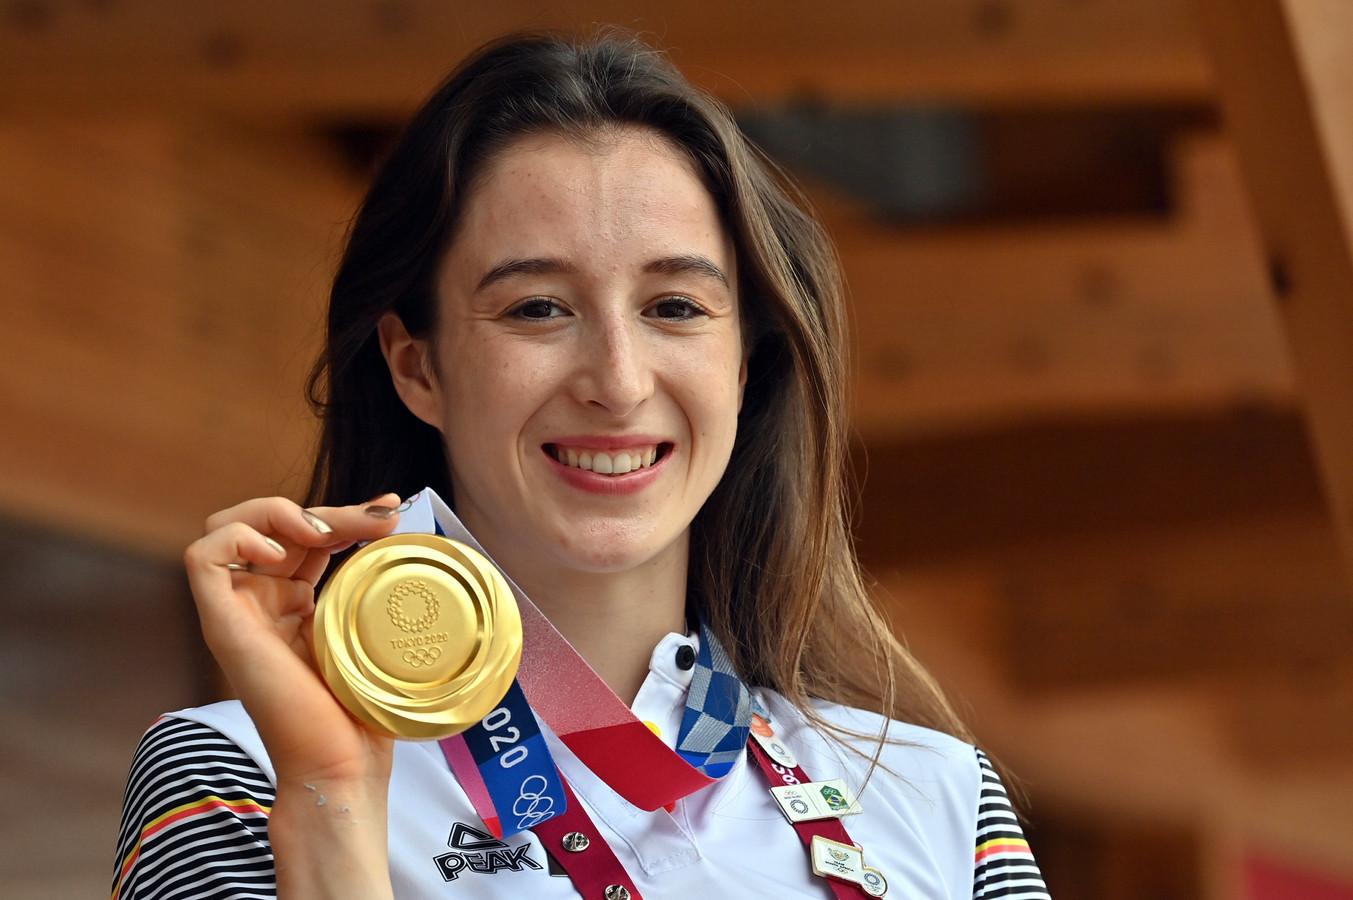 De Truiense Nina Derwael met de toepasselijke gouden nagellak, en nu ook de gouden medaille.